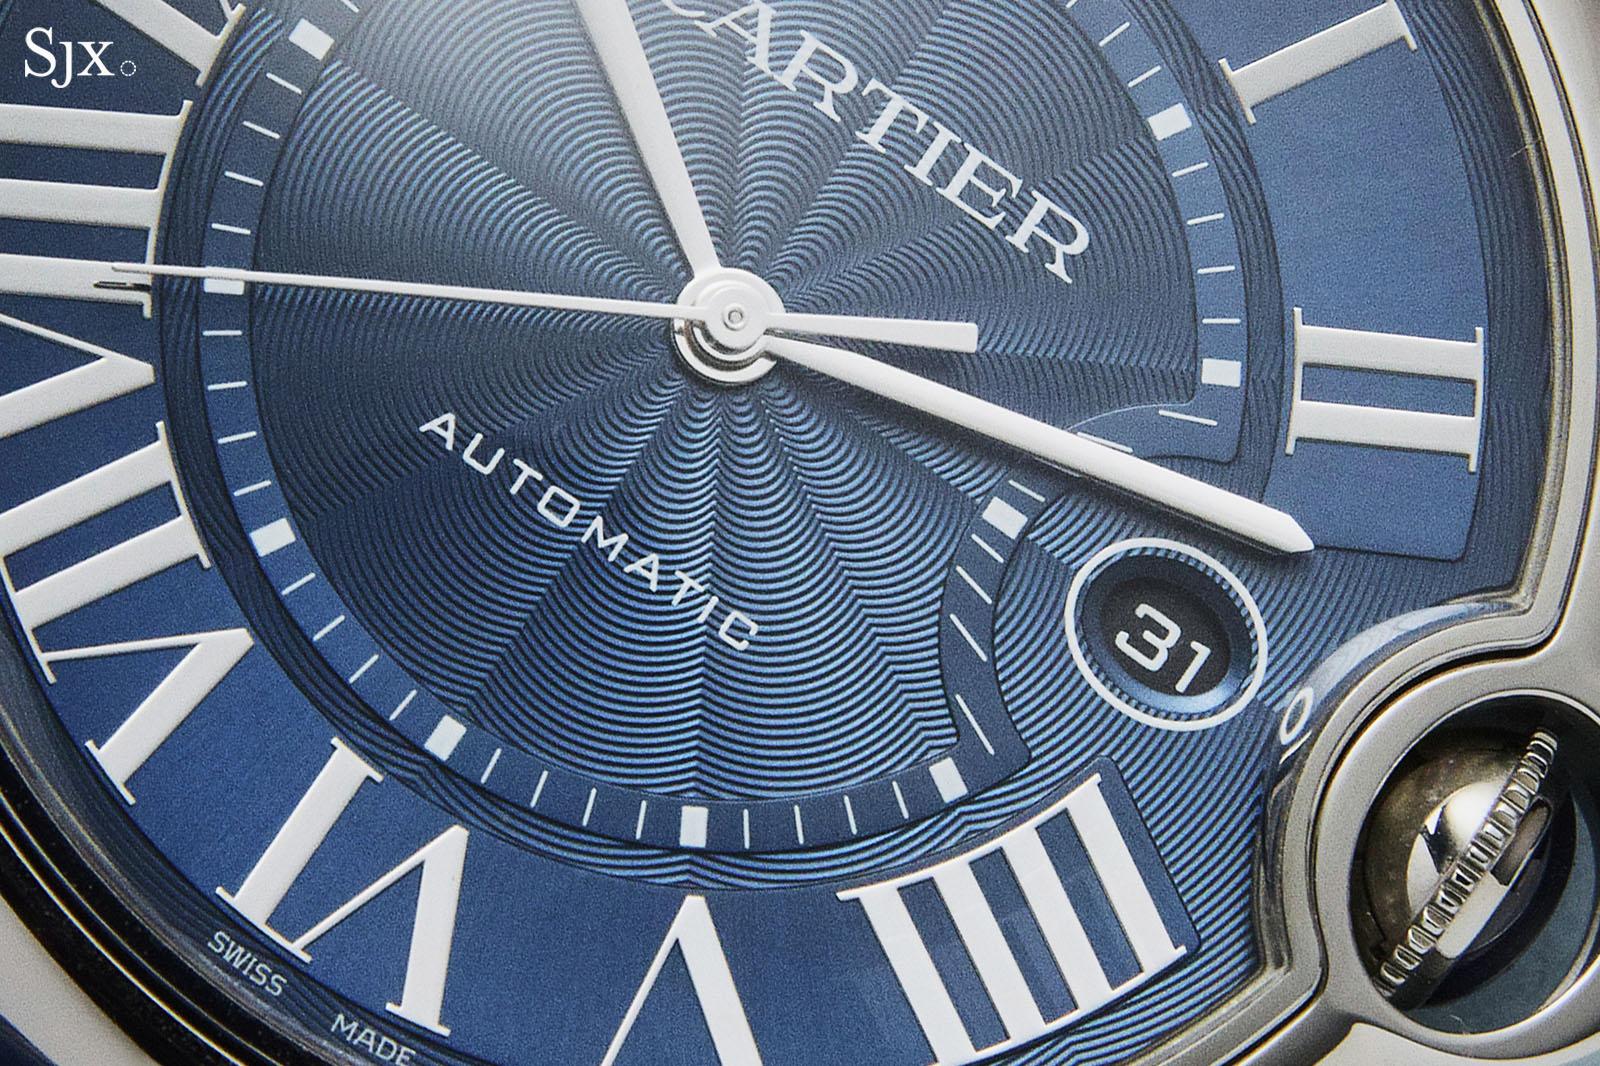 Cartier Ballon Bleu Automatic Blue Dial